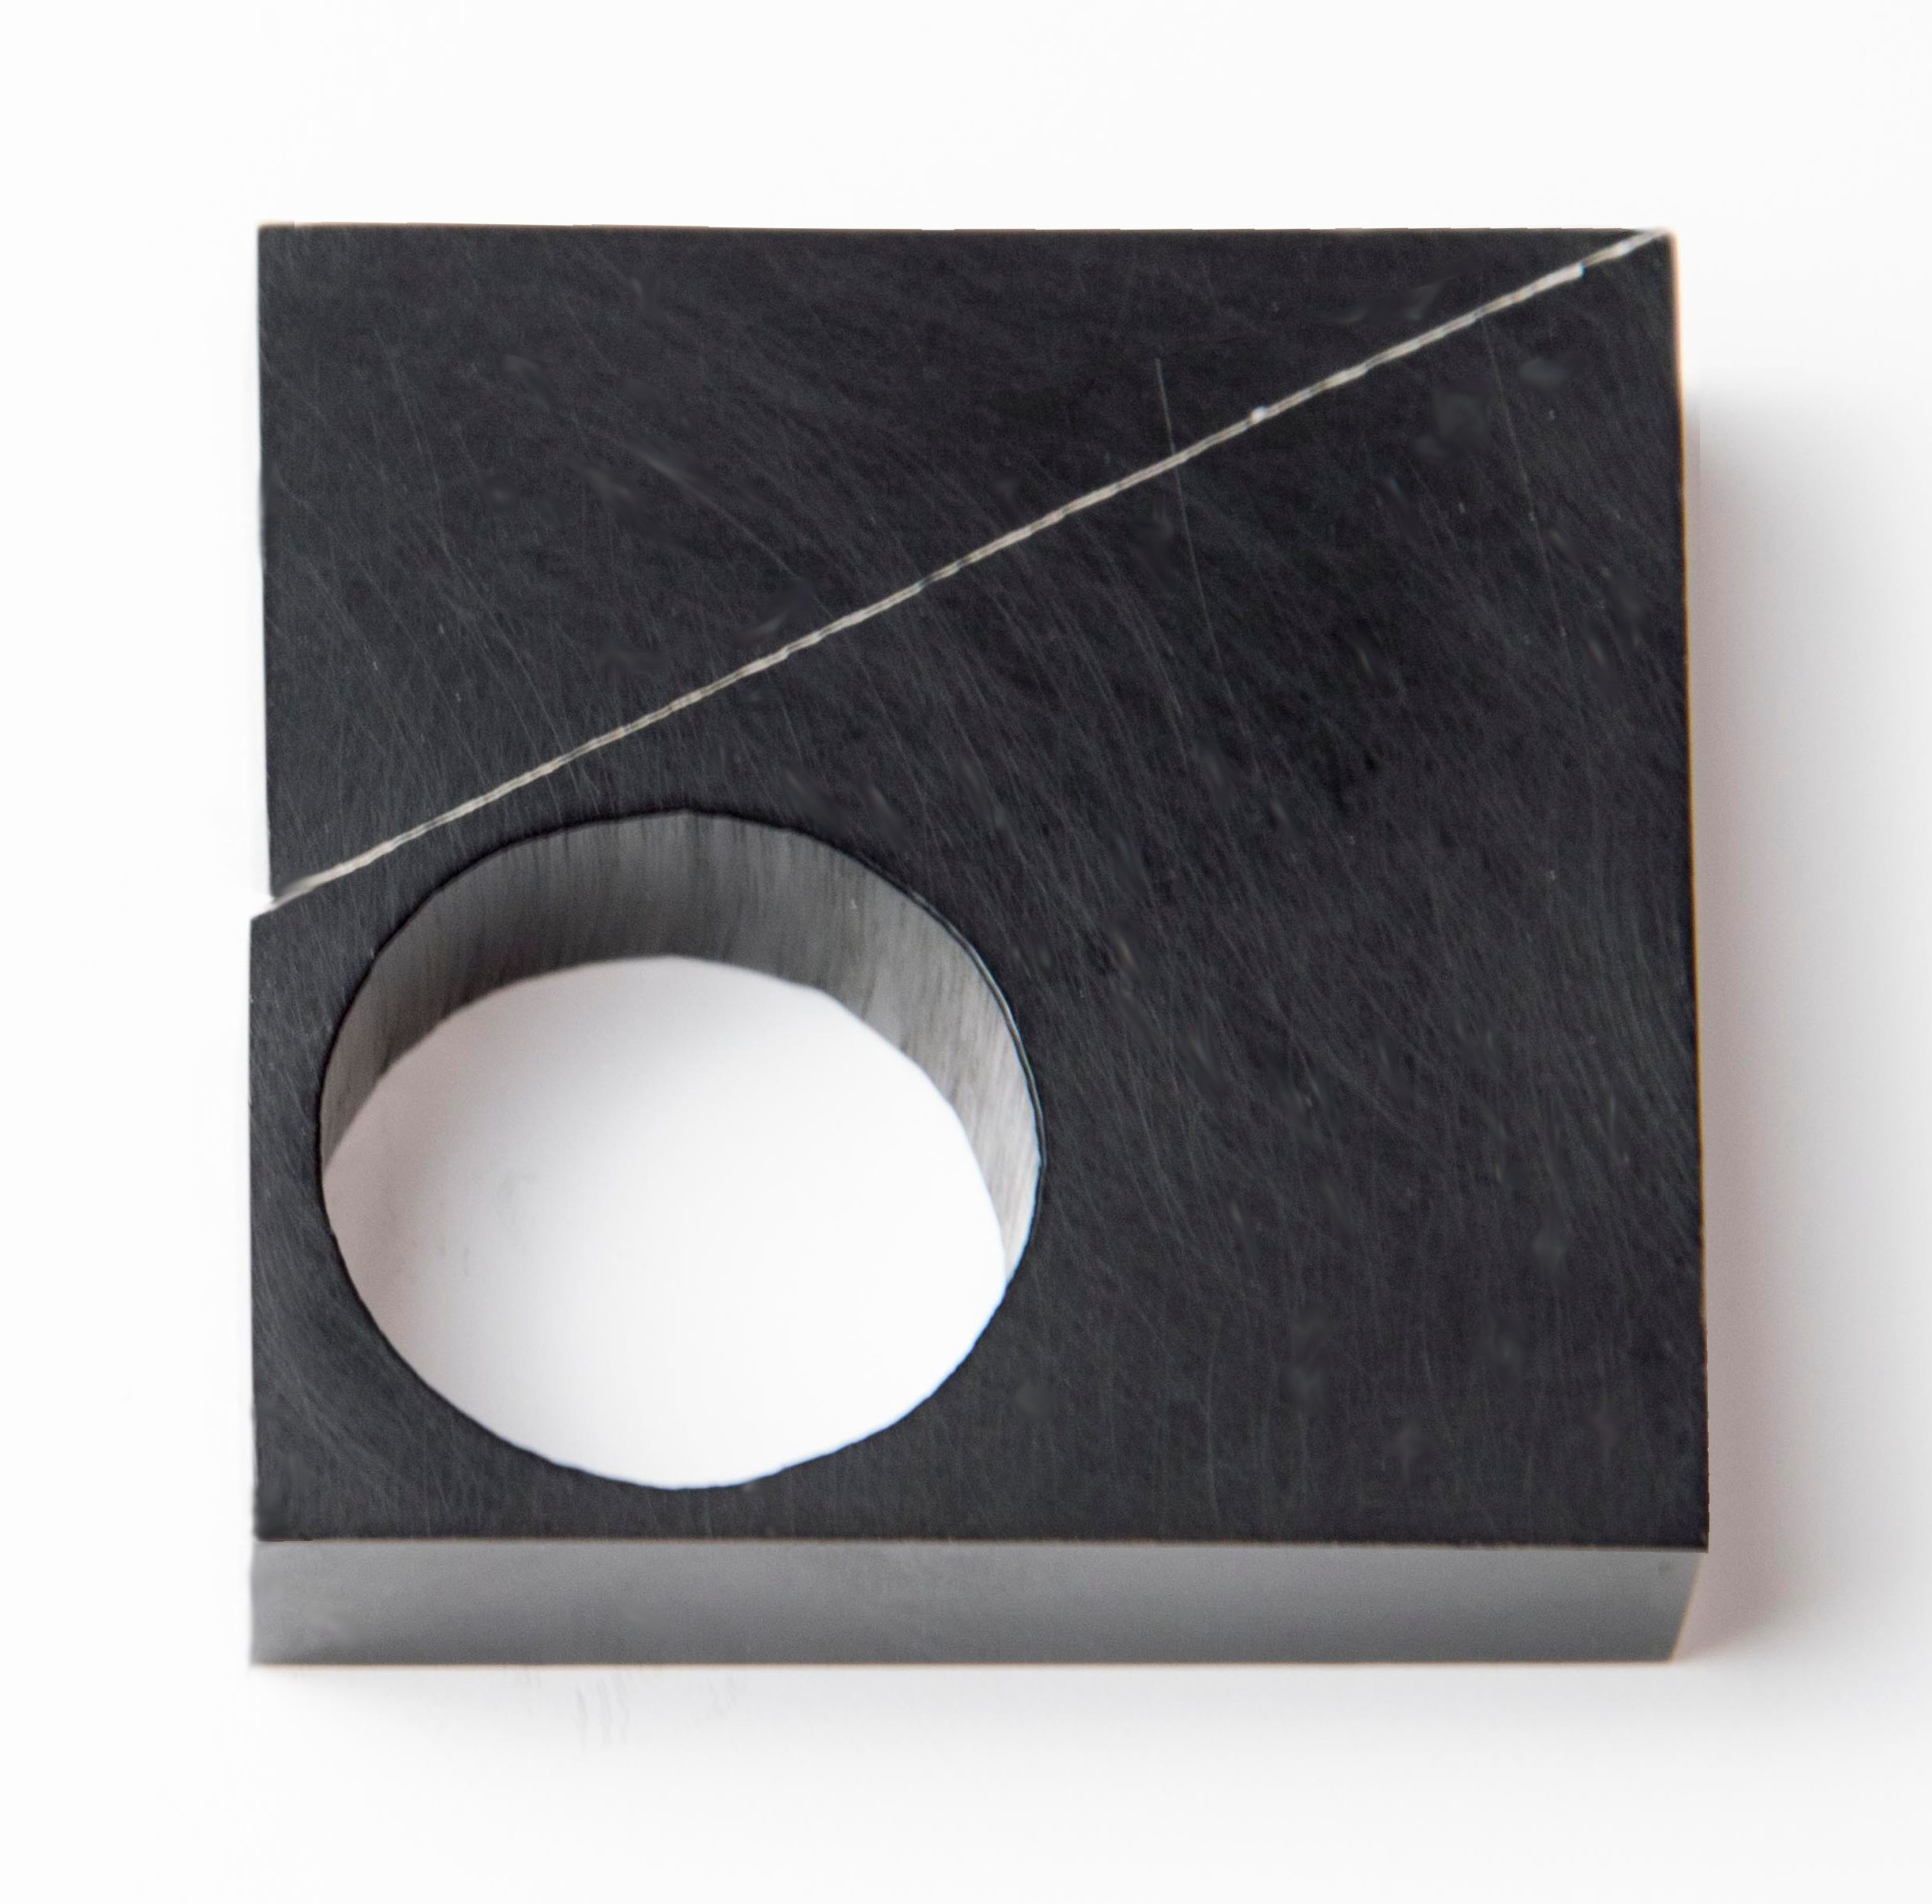 Joke Brakman, Wijsvingerring, ring, 1982. Foto met dank aan Joke Brakman©